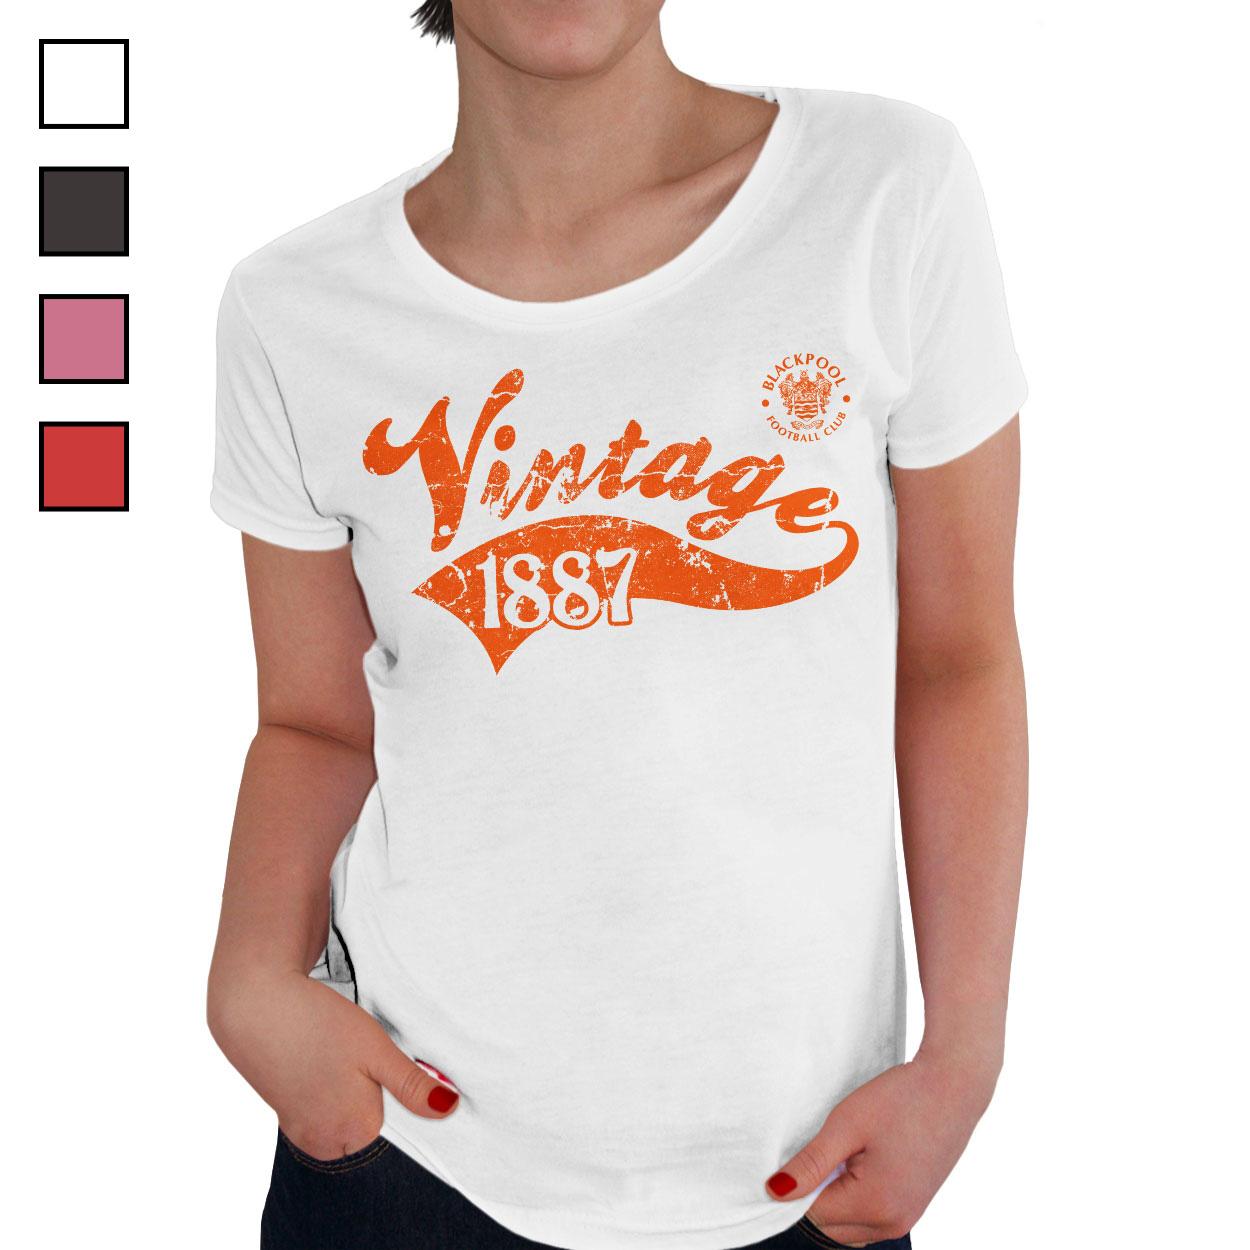 Blackpool FC Ladies Vintage T-Shirt